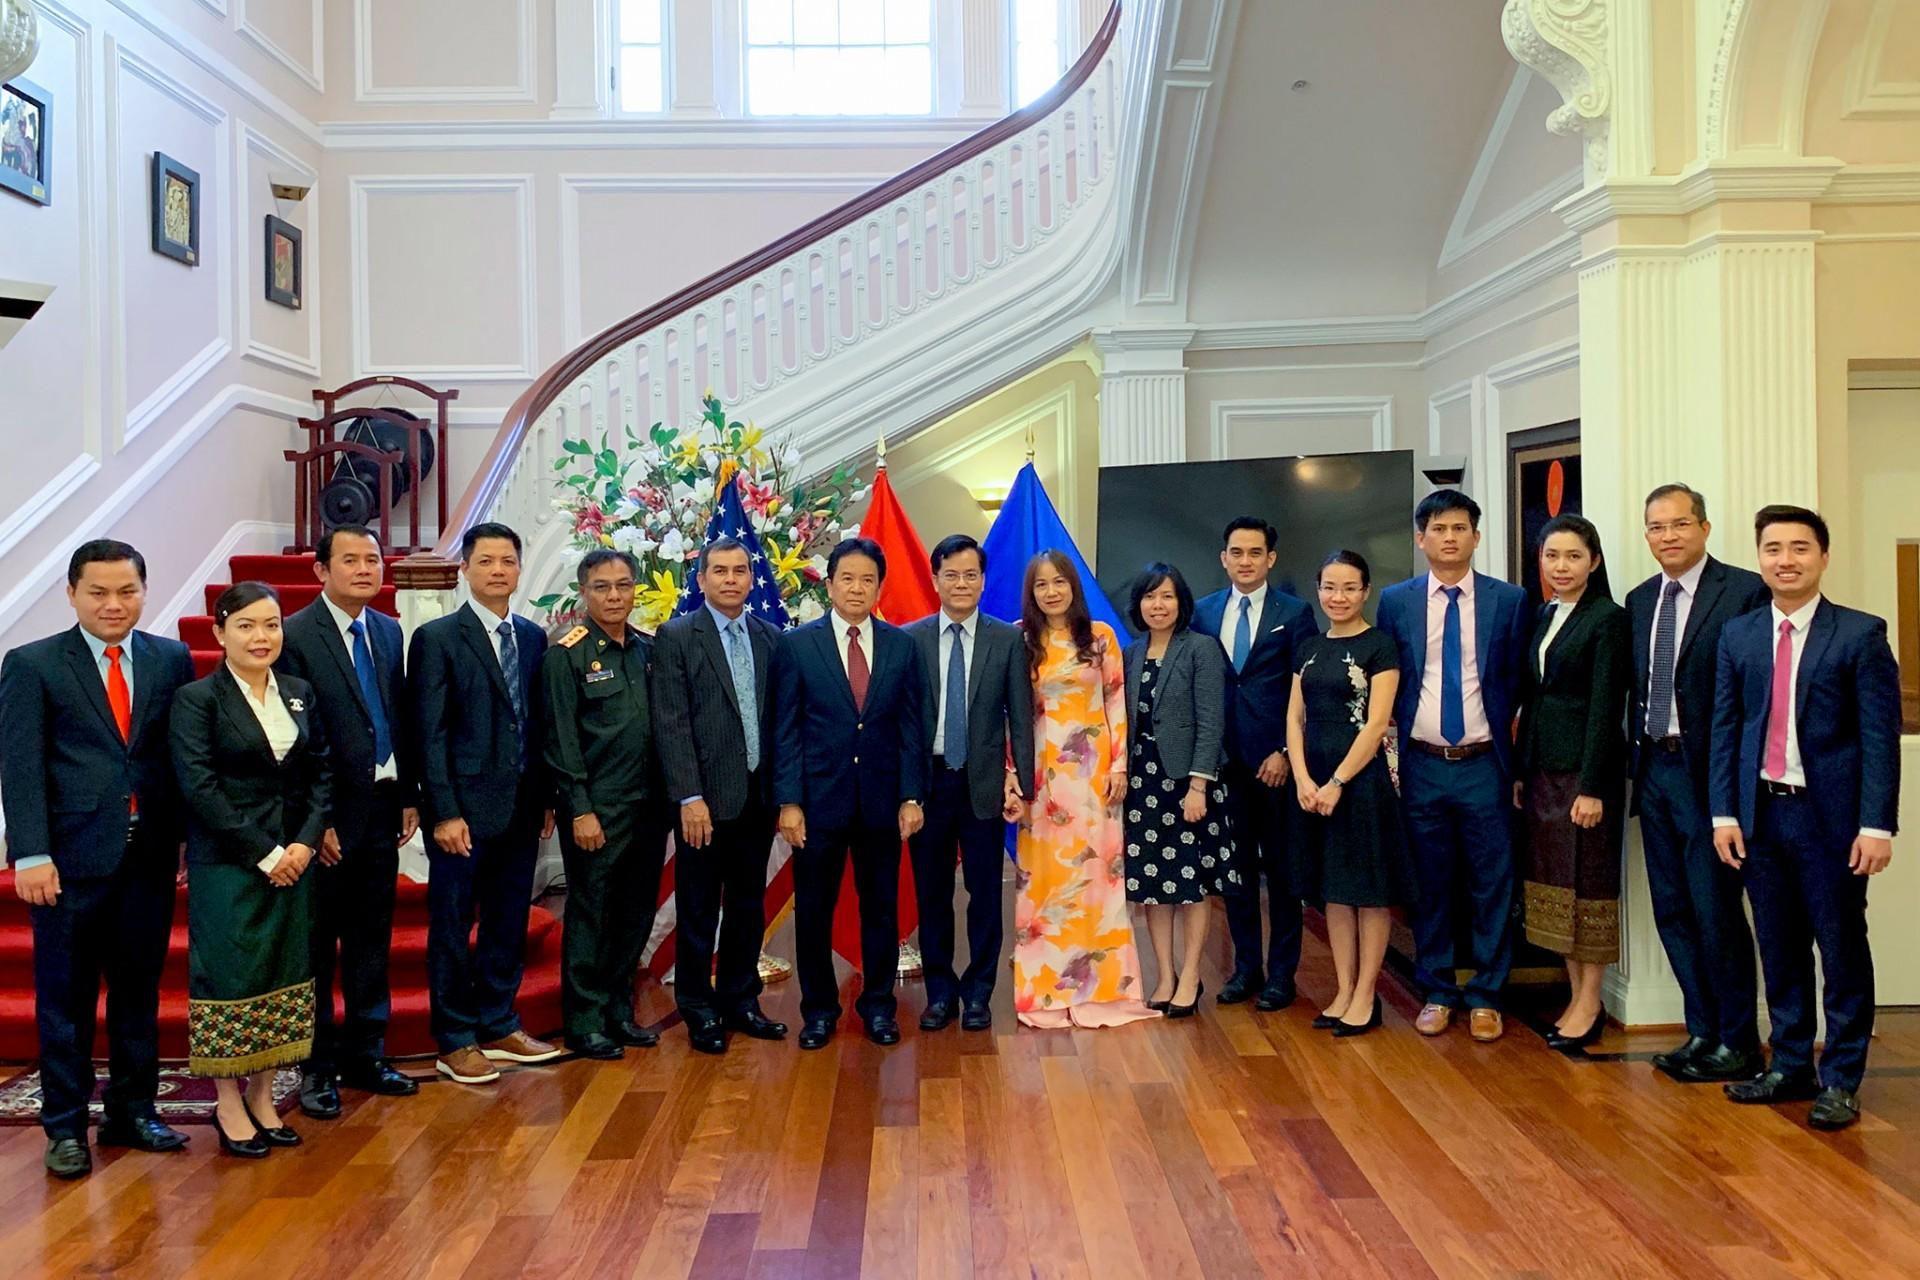 Đại sứ quán Lào tại Hoa Kỳ chúc mừng Quốc khánh Việt Nam Ảnh 2